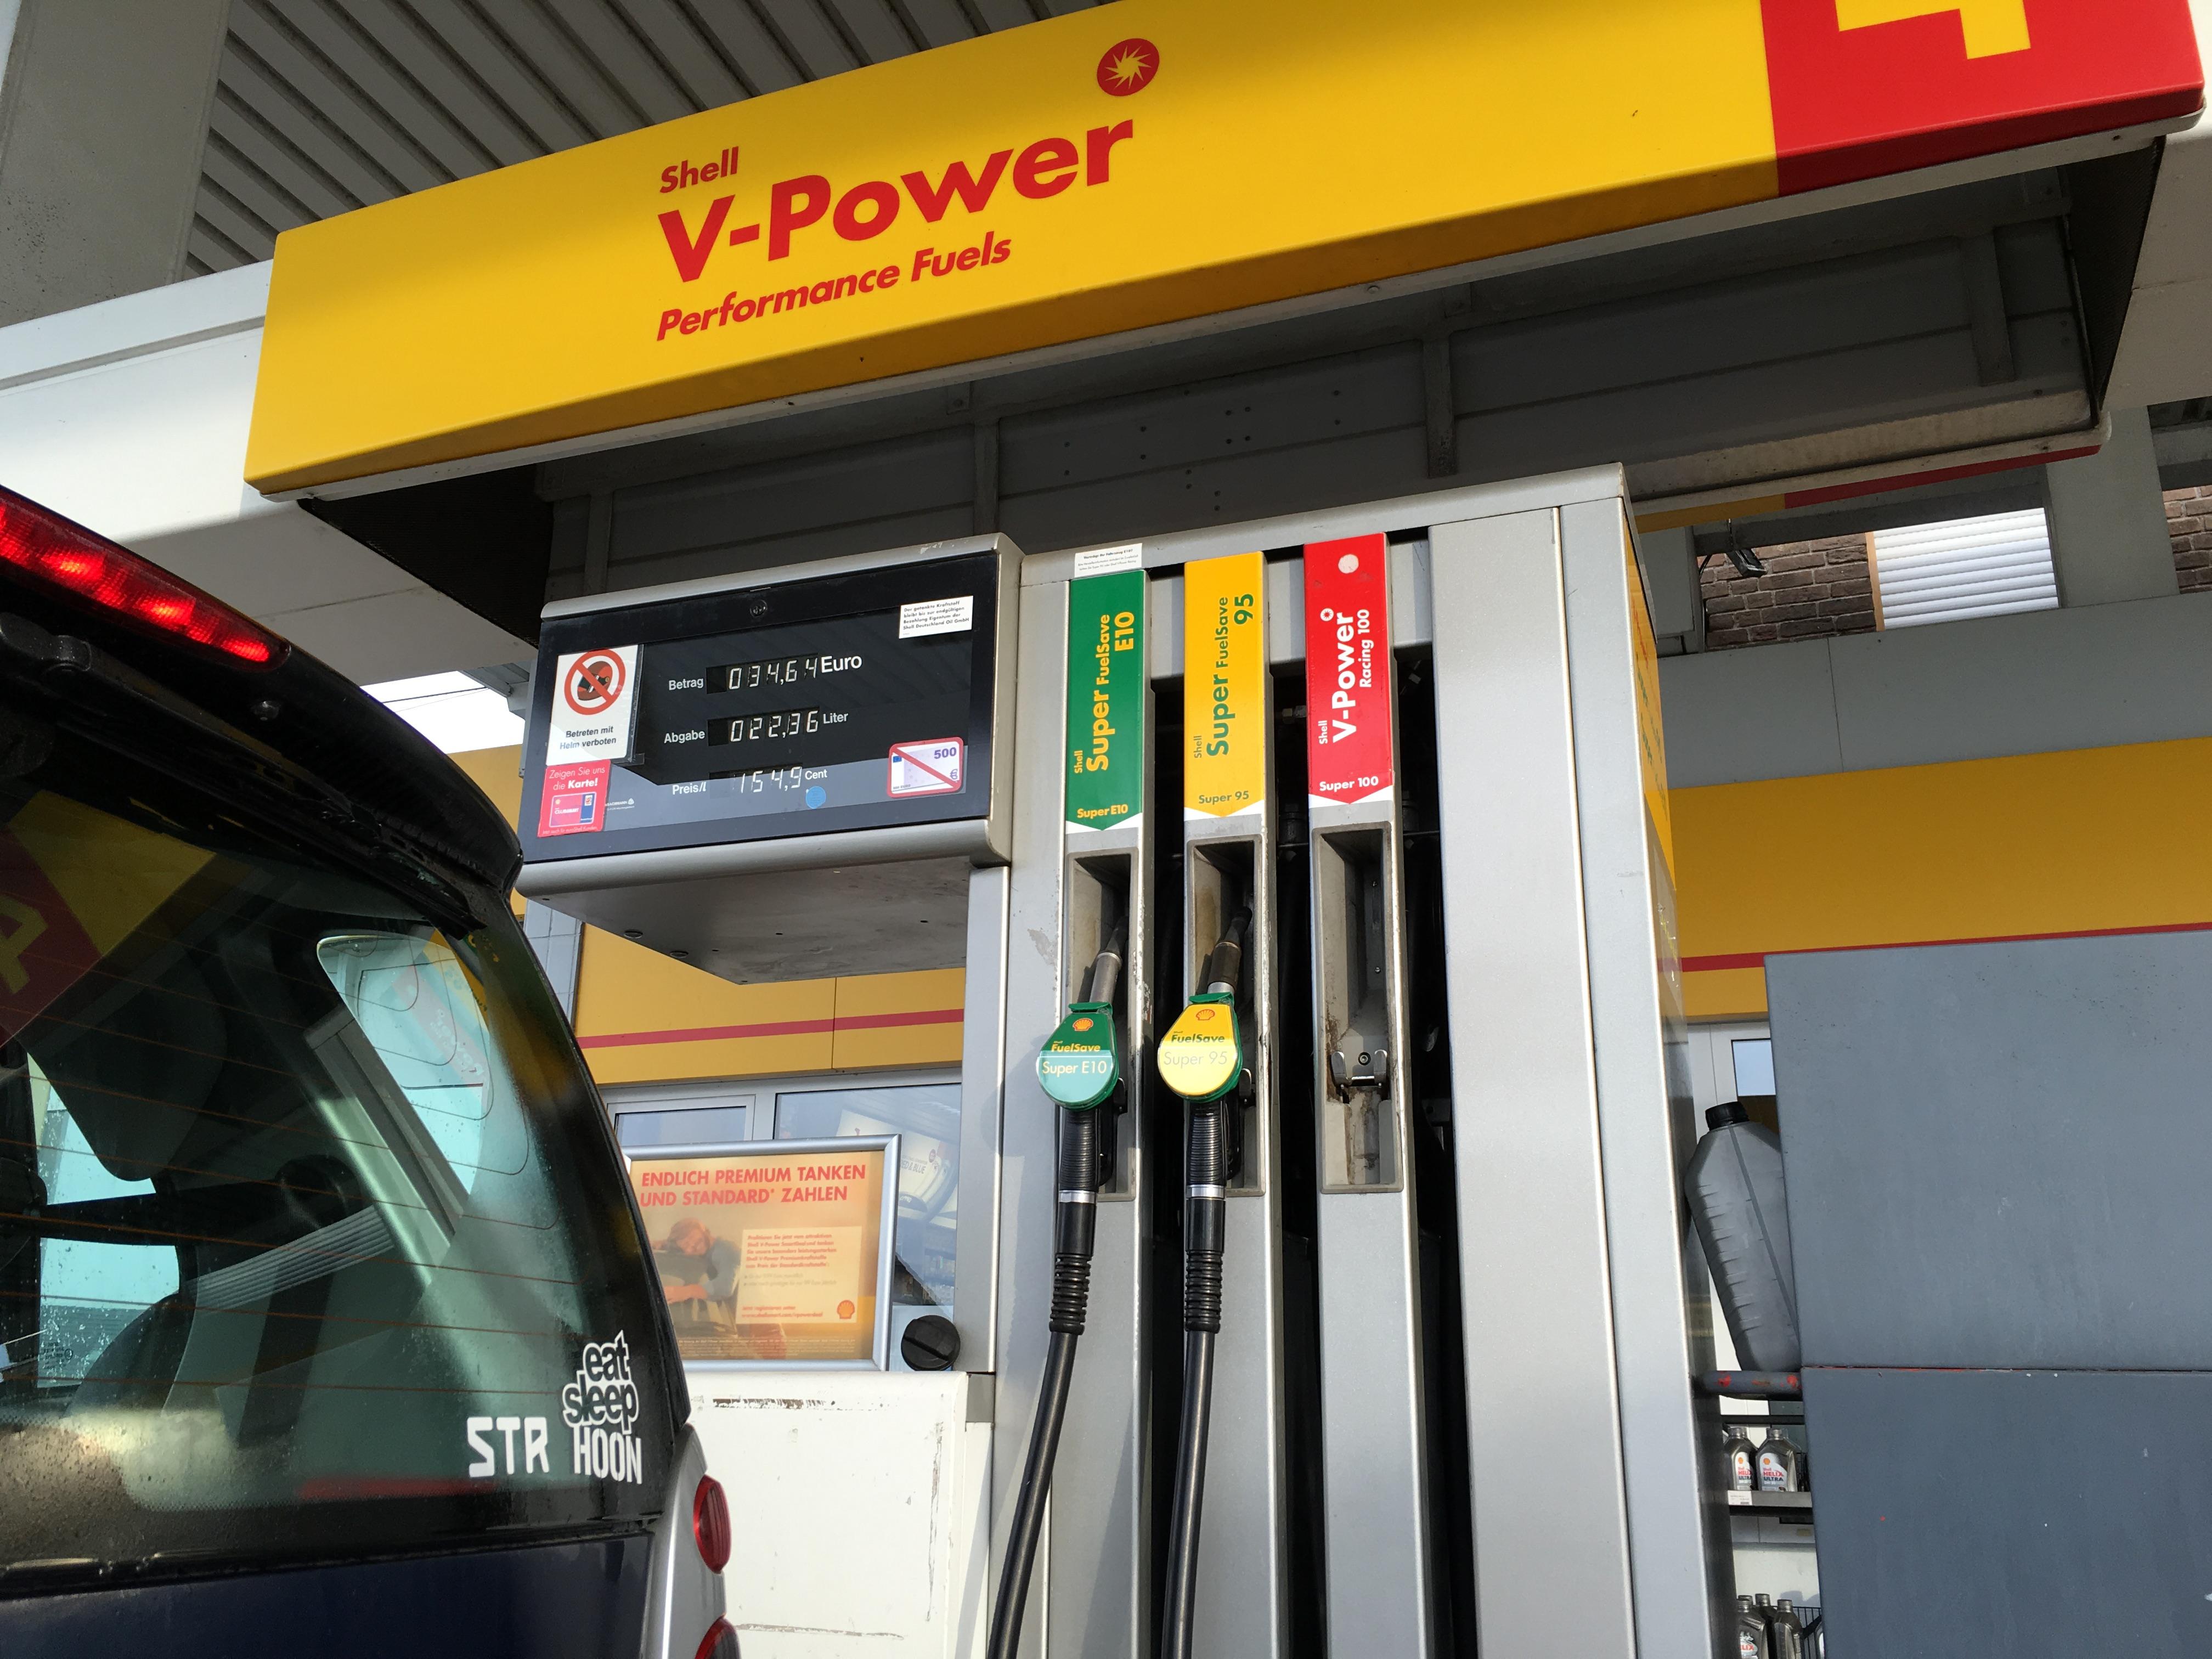 Shell Tankstellen Karte.Erfahrungsbericht Wie Funktioniert Der Shell V Power Smartdeal